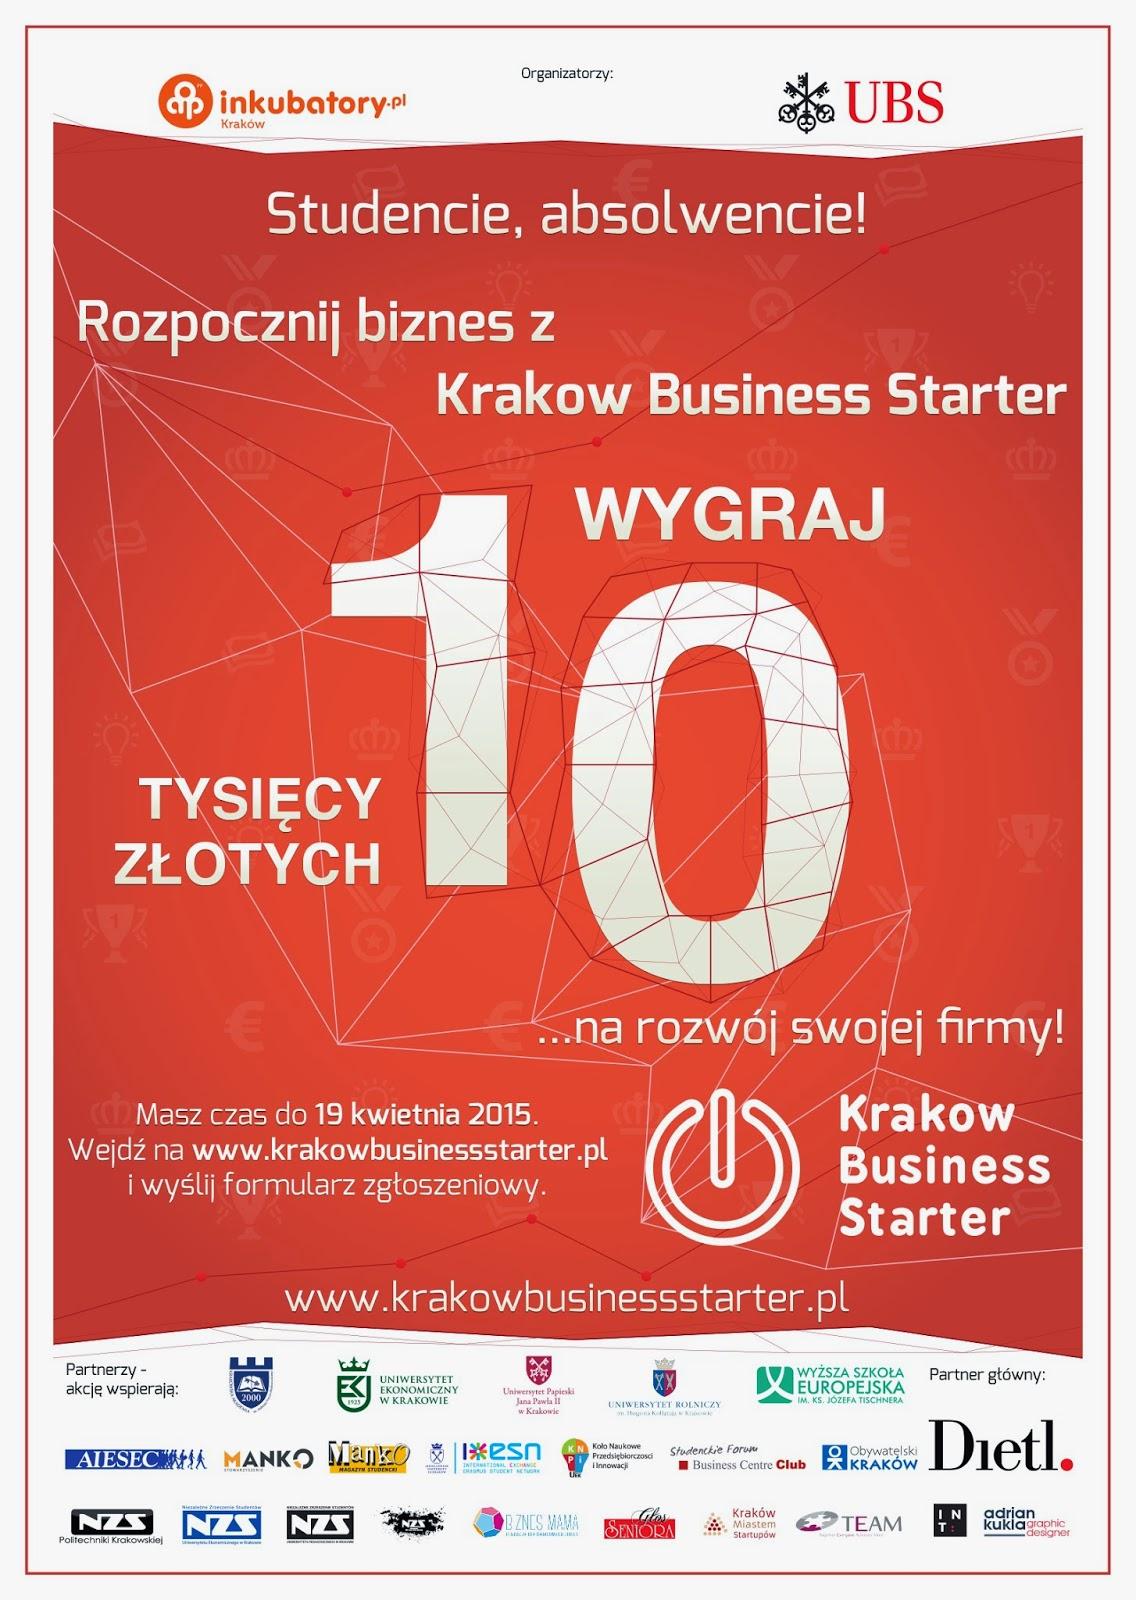 http://krakowbusinessstarter.pl/